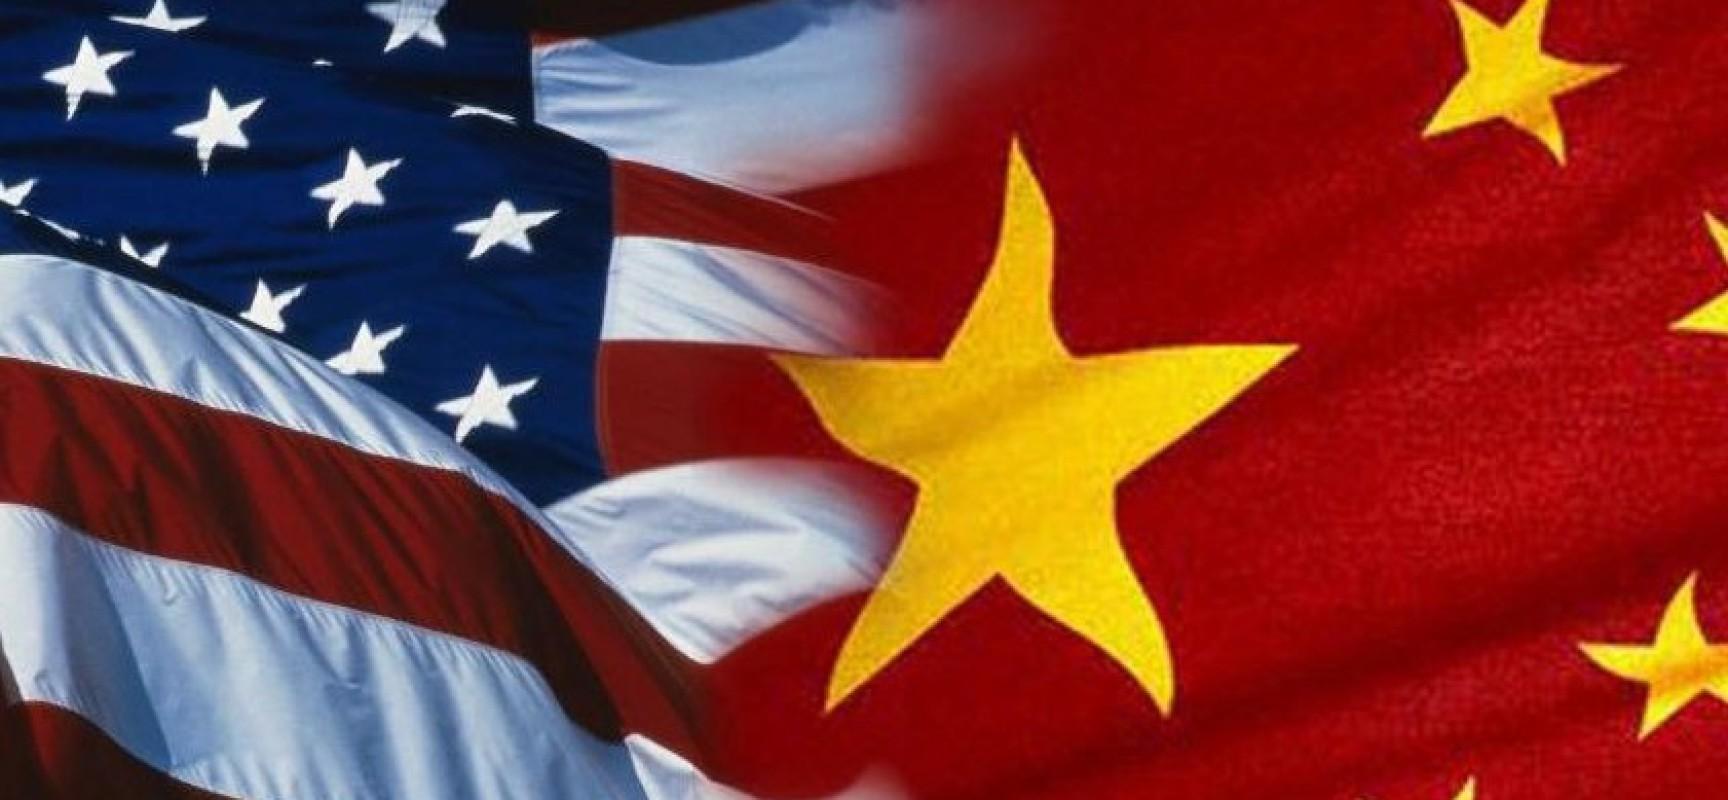 Guerre commerciale États-Unis-Chine: à qui profite le crime?